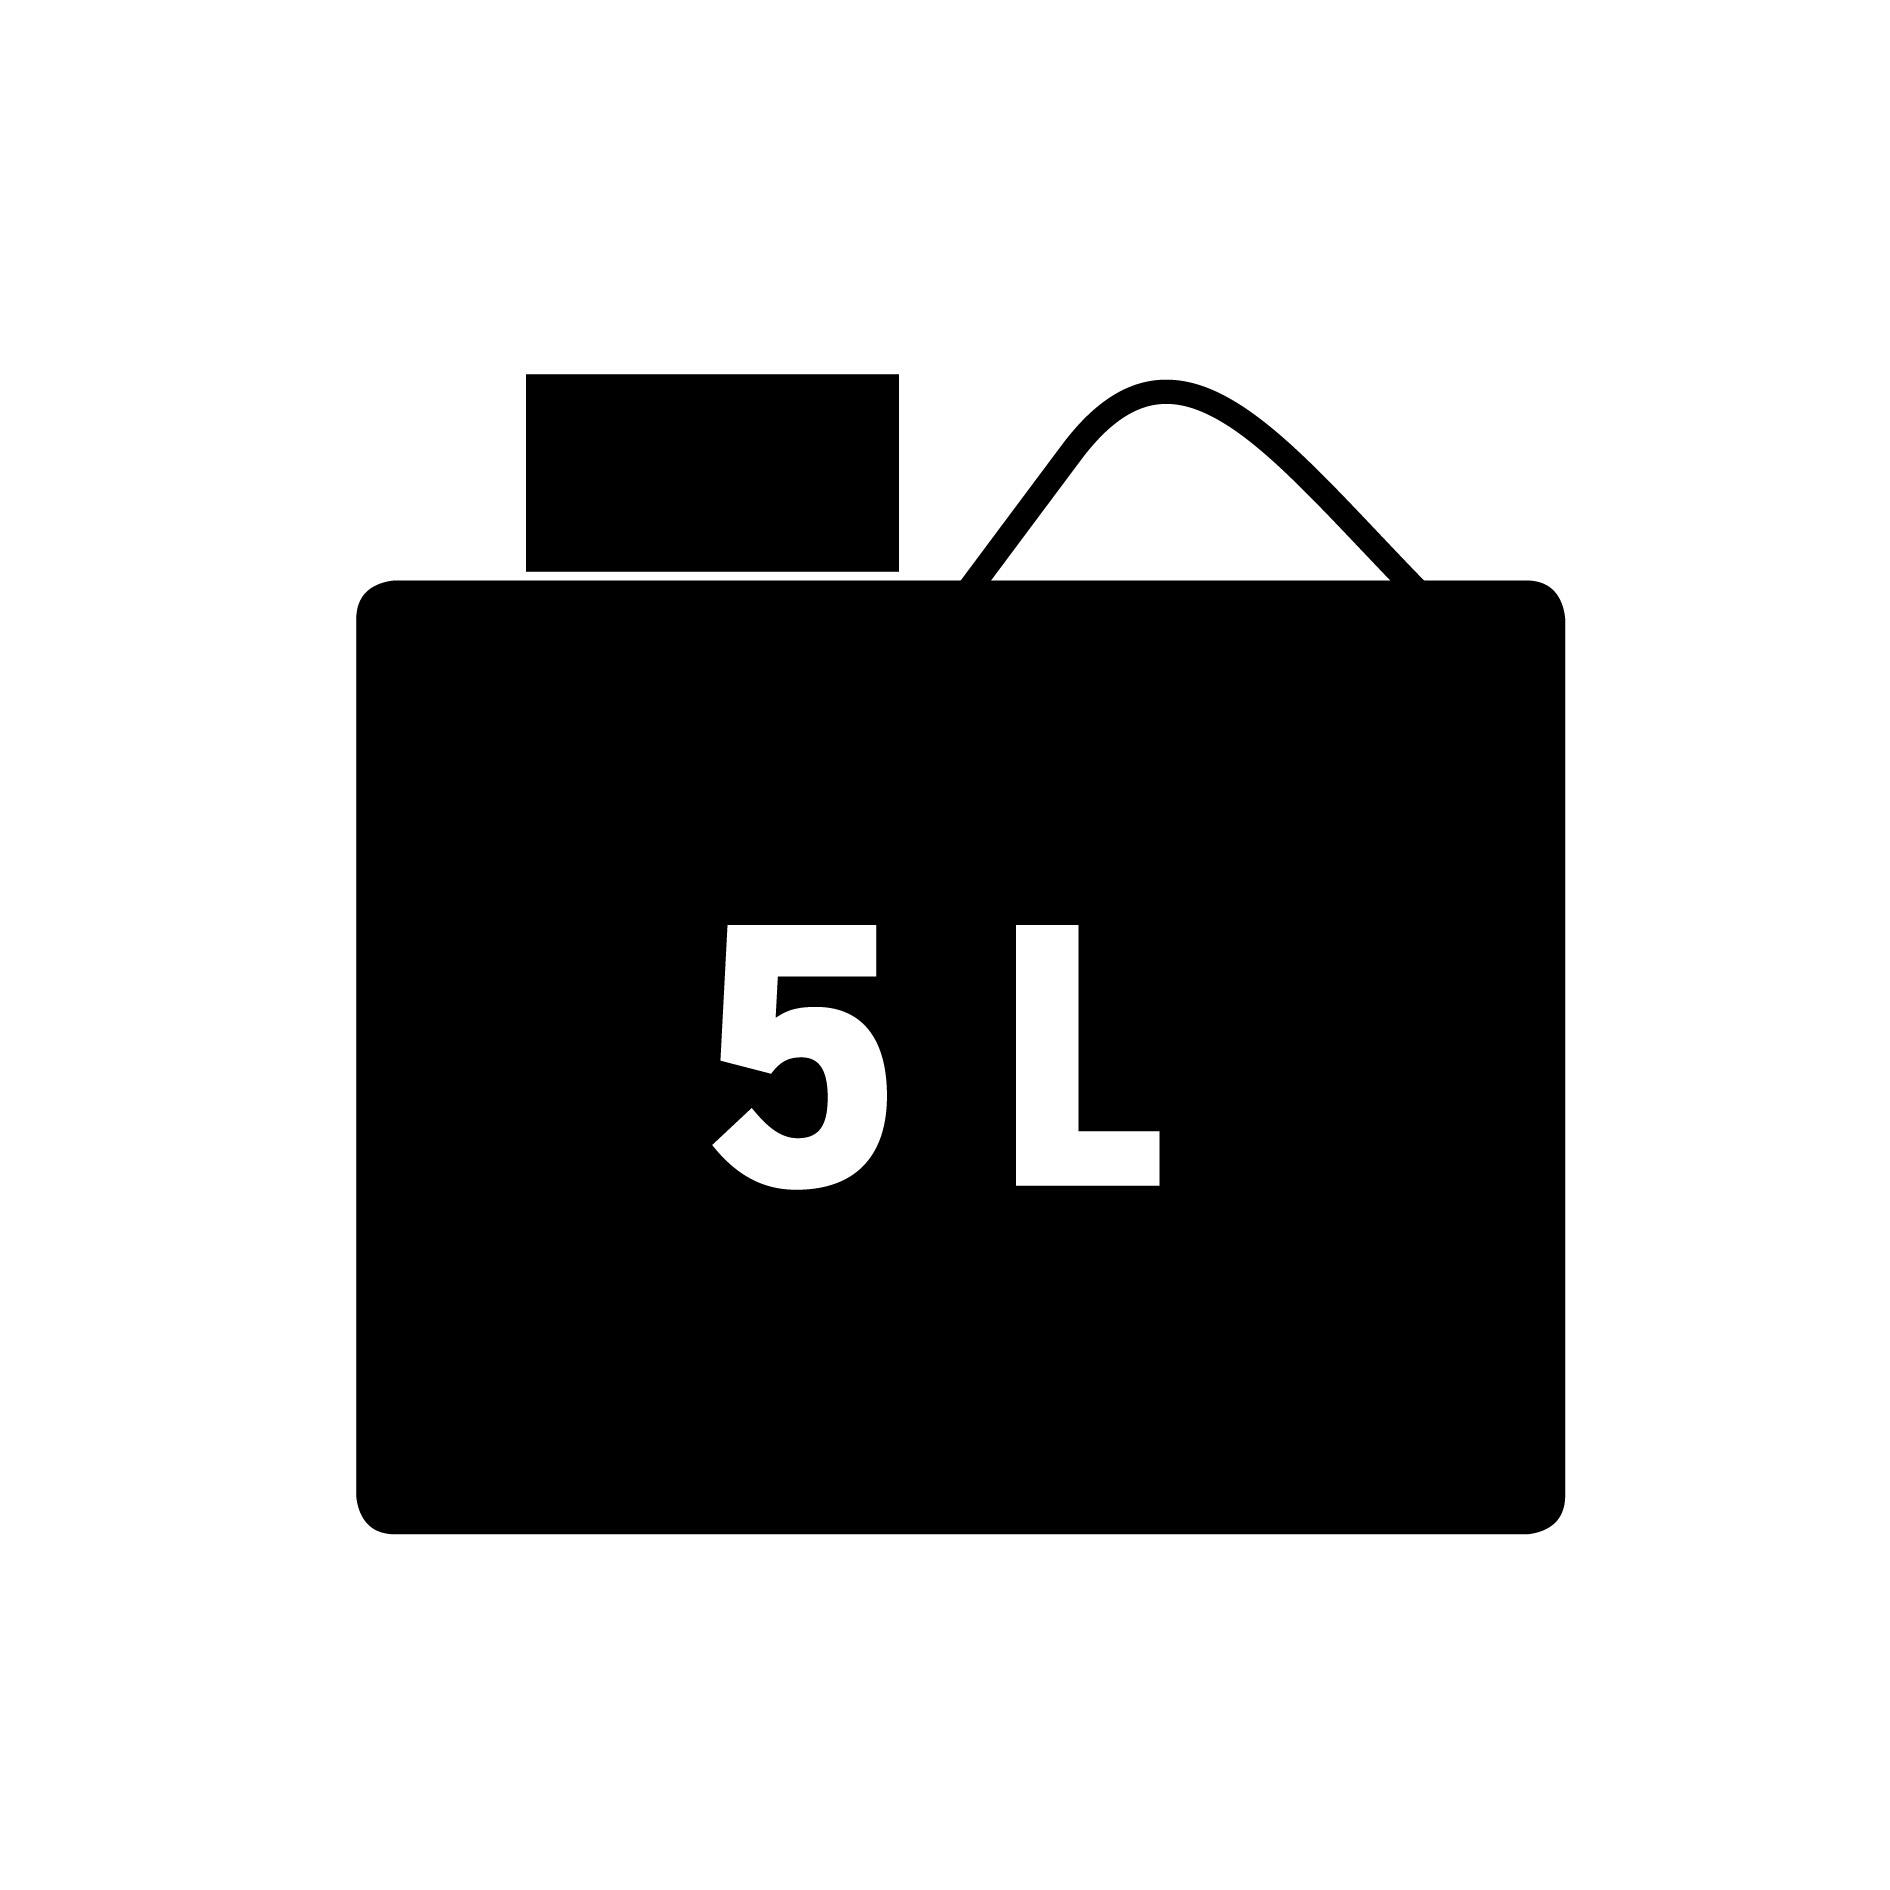 scheibenfrostschutz konzentrat 60 c 5 l manter onlineshop. Black Bedroom Furniture Sets. Home Design Ideas